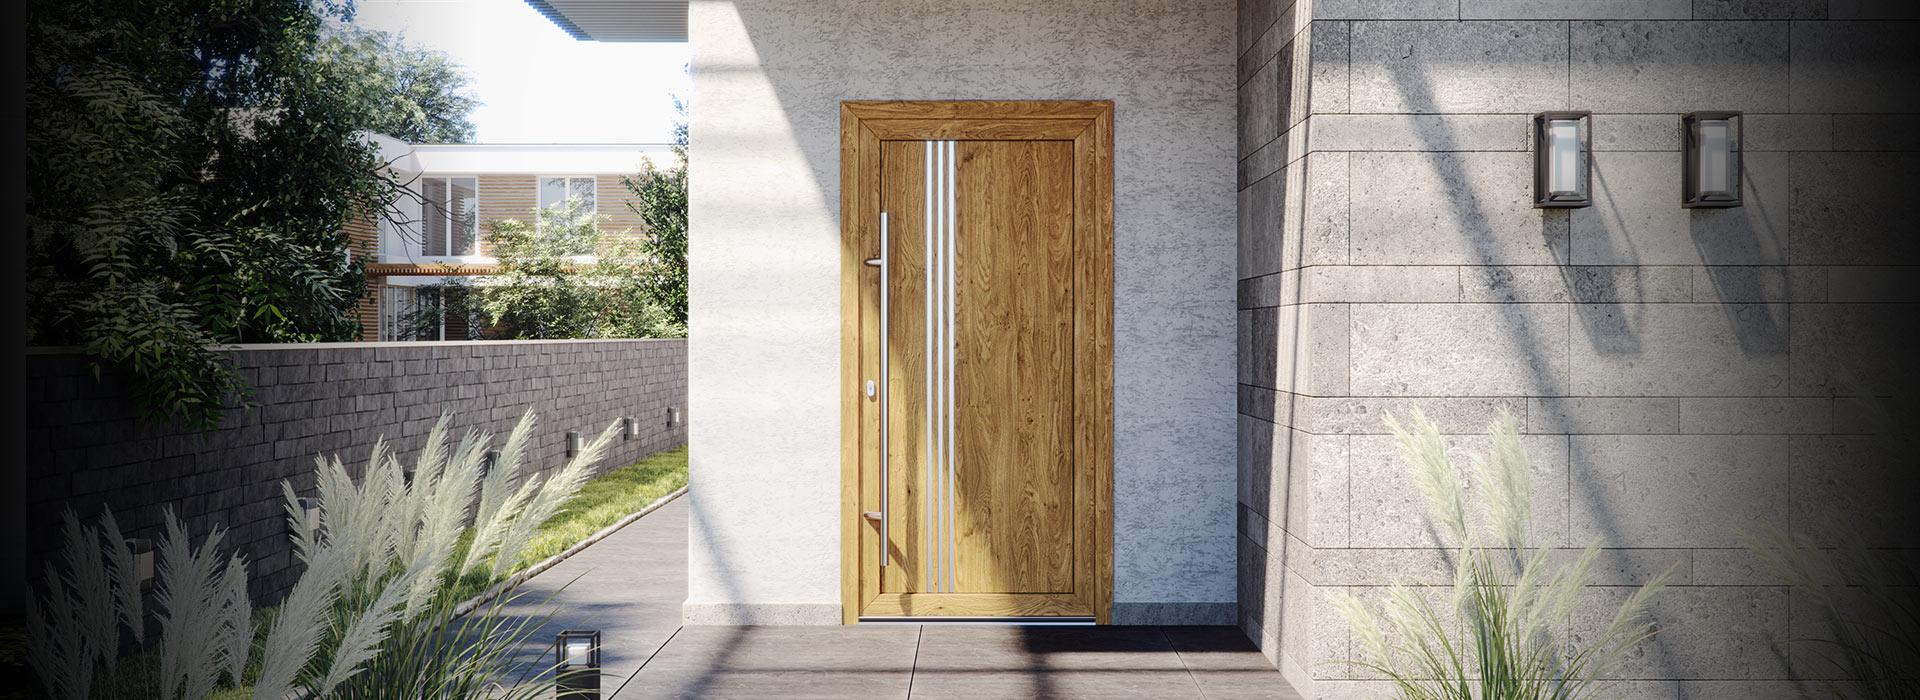 Drzwi-wejsciowe-zewnetrzne-pvc-Oknoplast-1